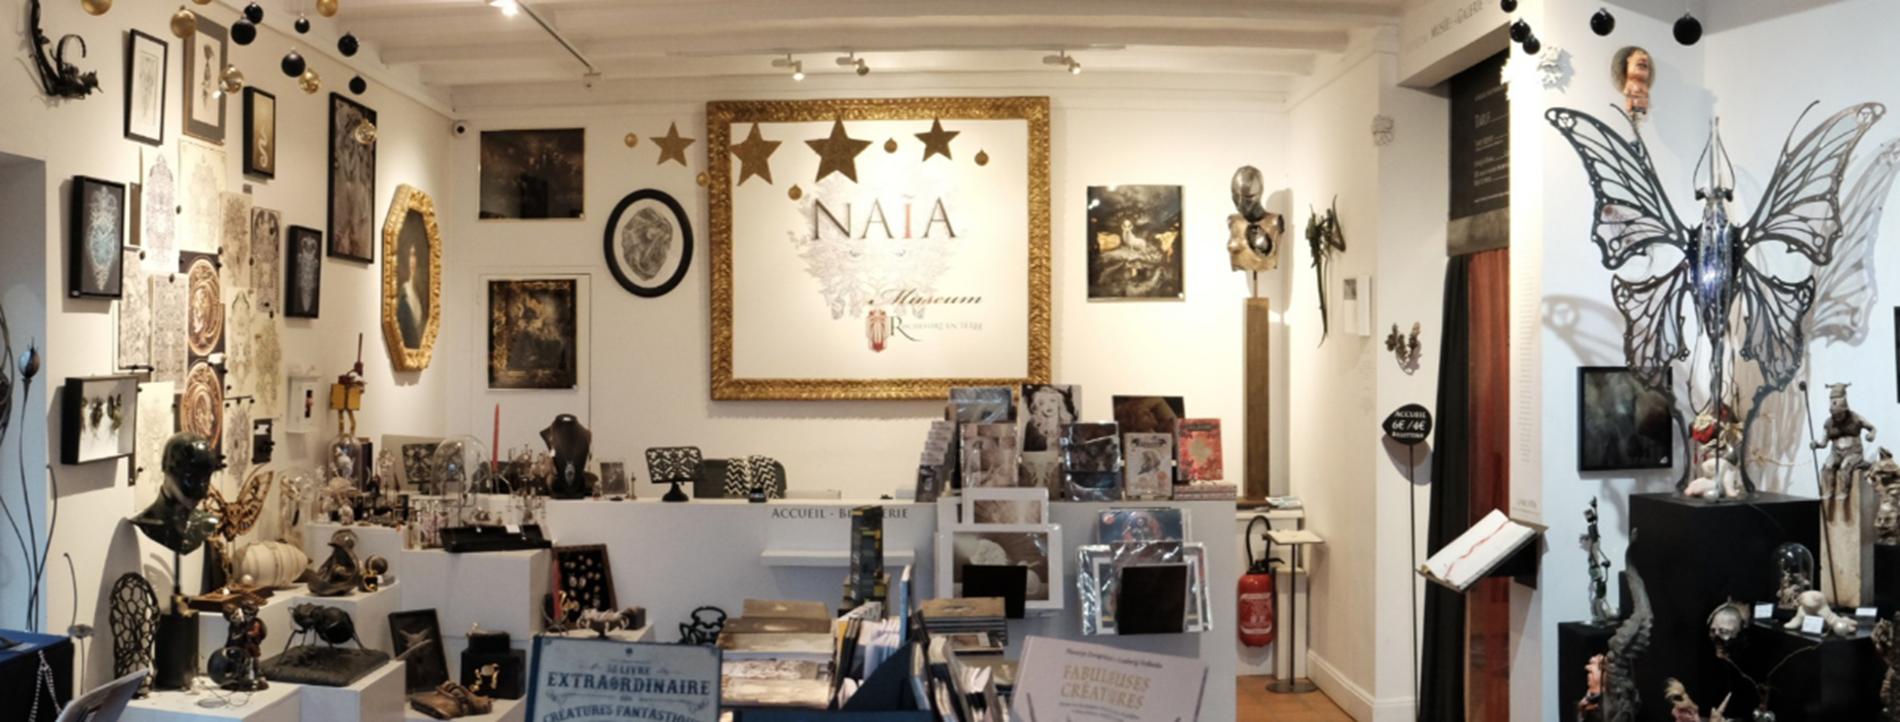 Naia Museum - Rochefort-en-Terre - Morbihan ©